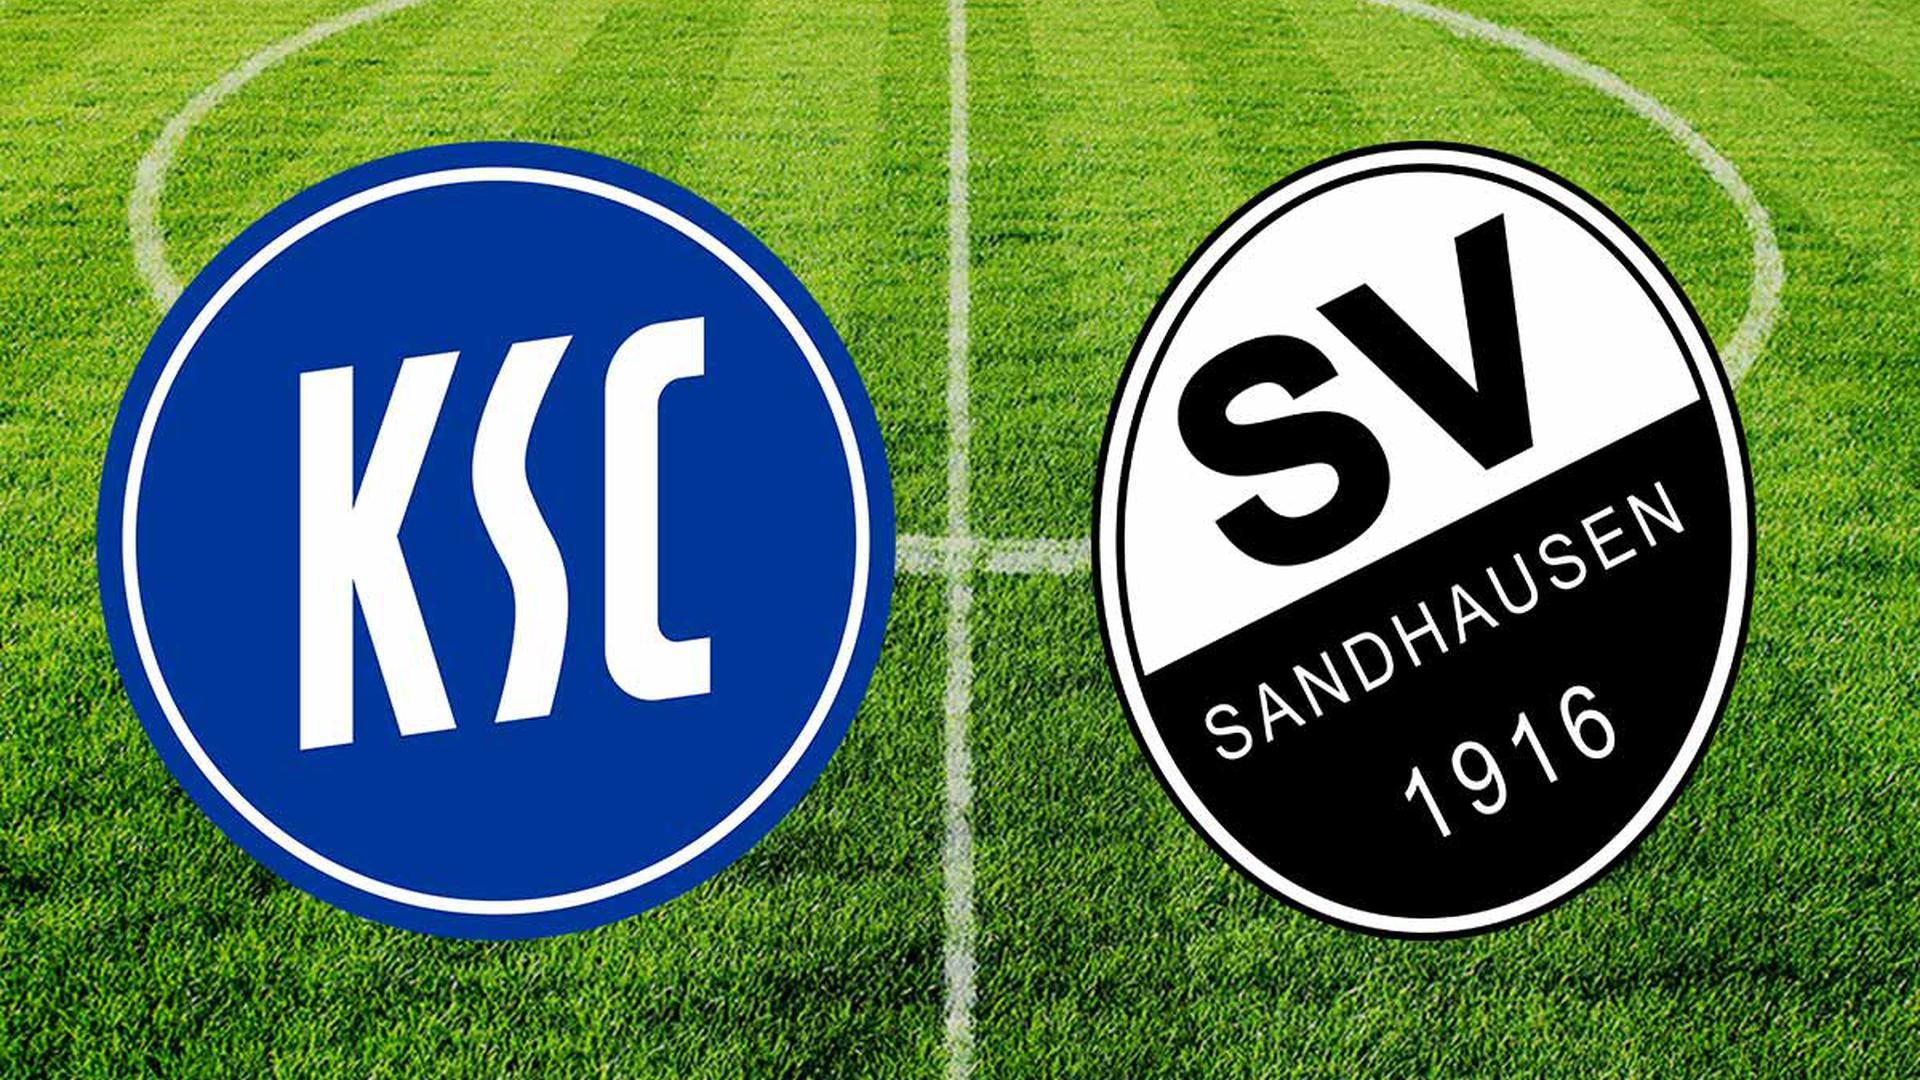 Der Karlsruher SC trifft im badischen Derby zu Hause auf den SV Sandhausen.